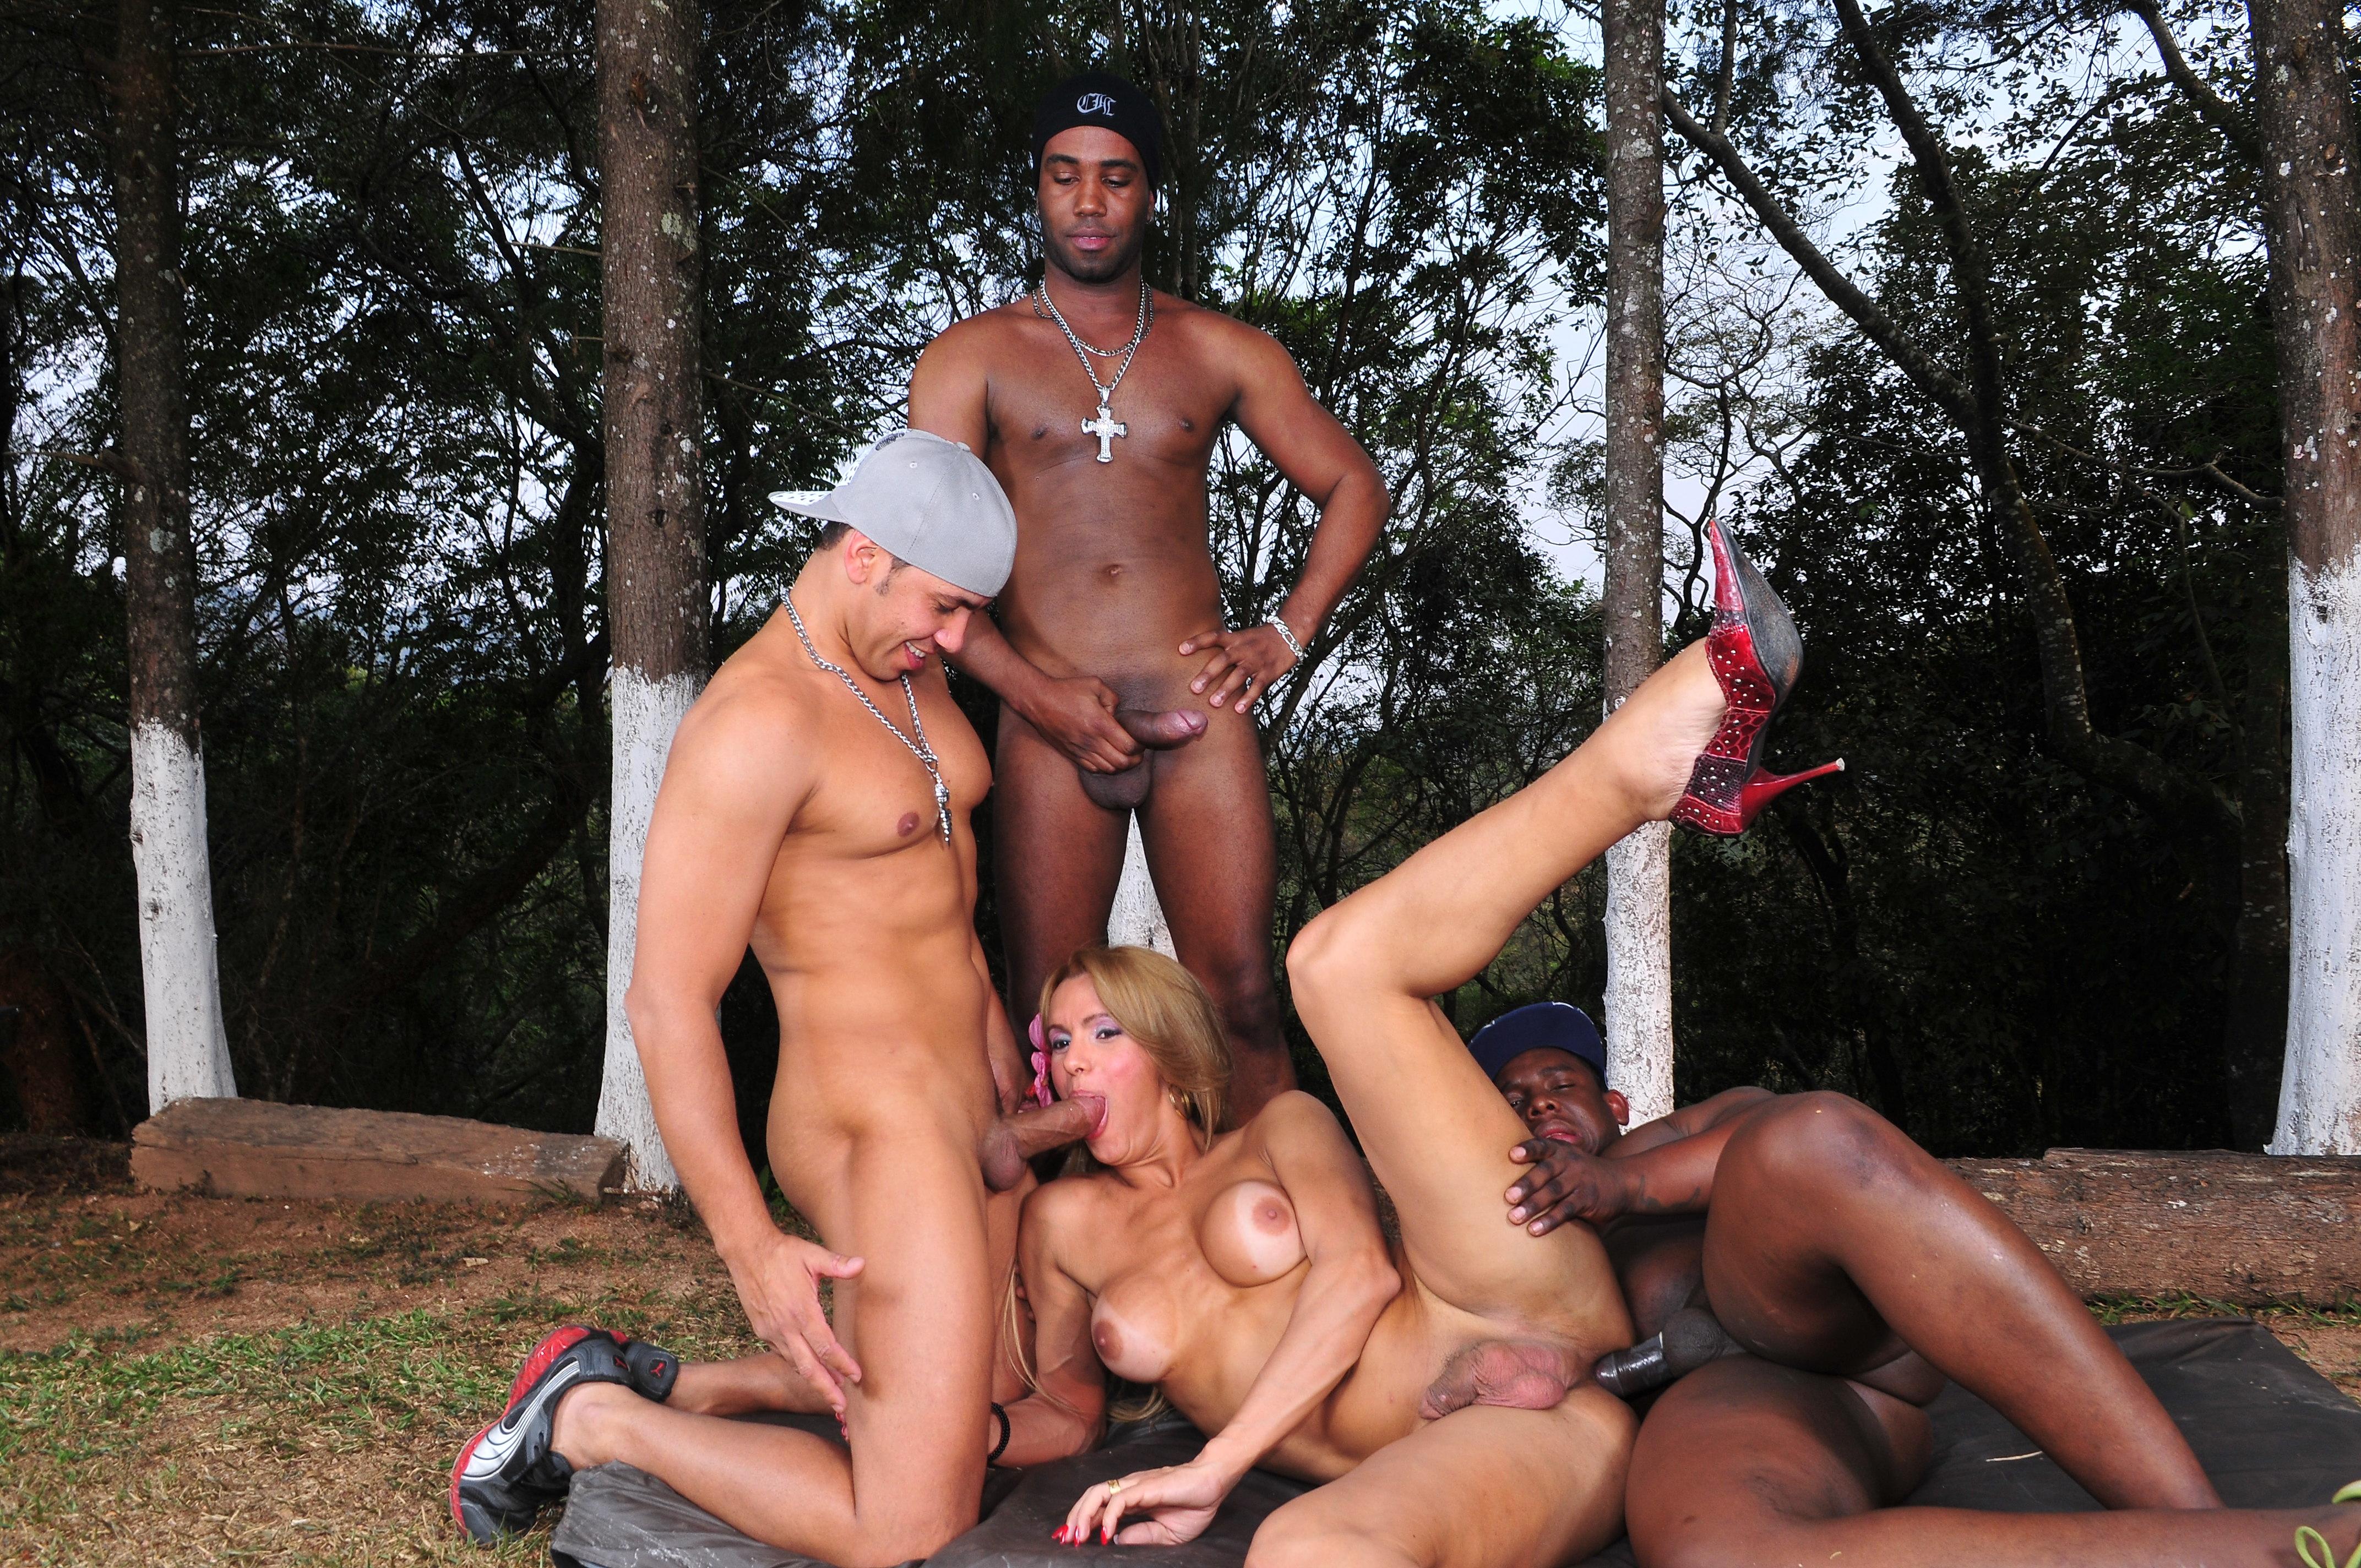 Outdoor interracial gangbang